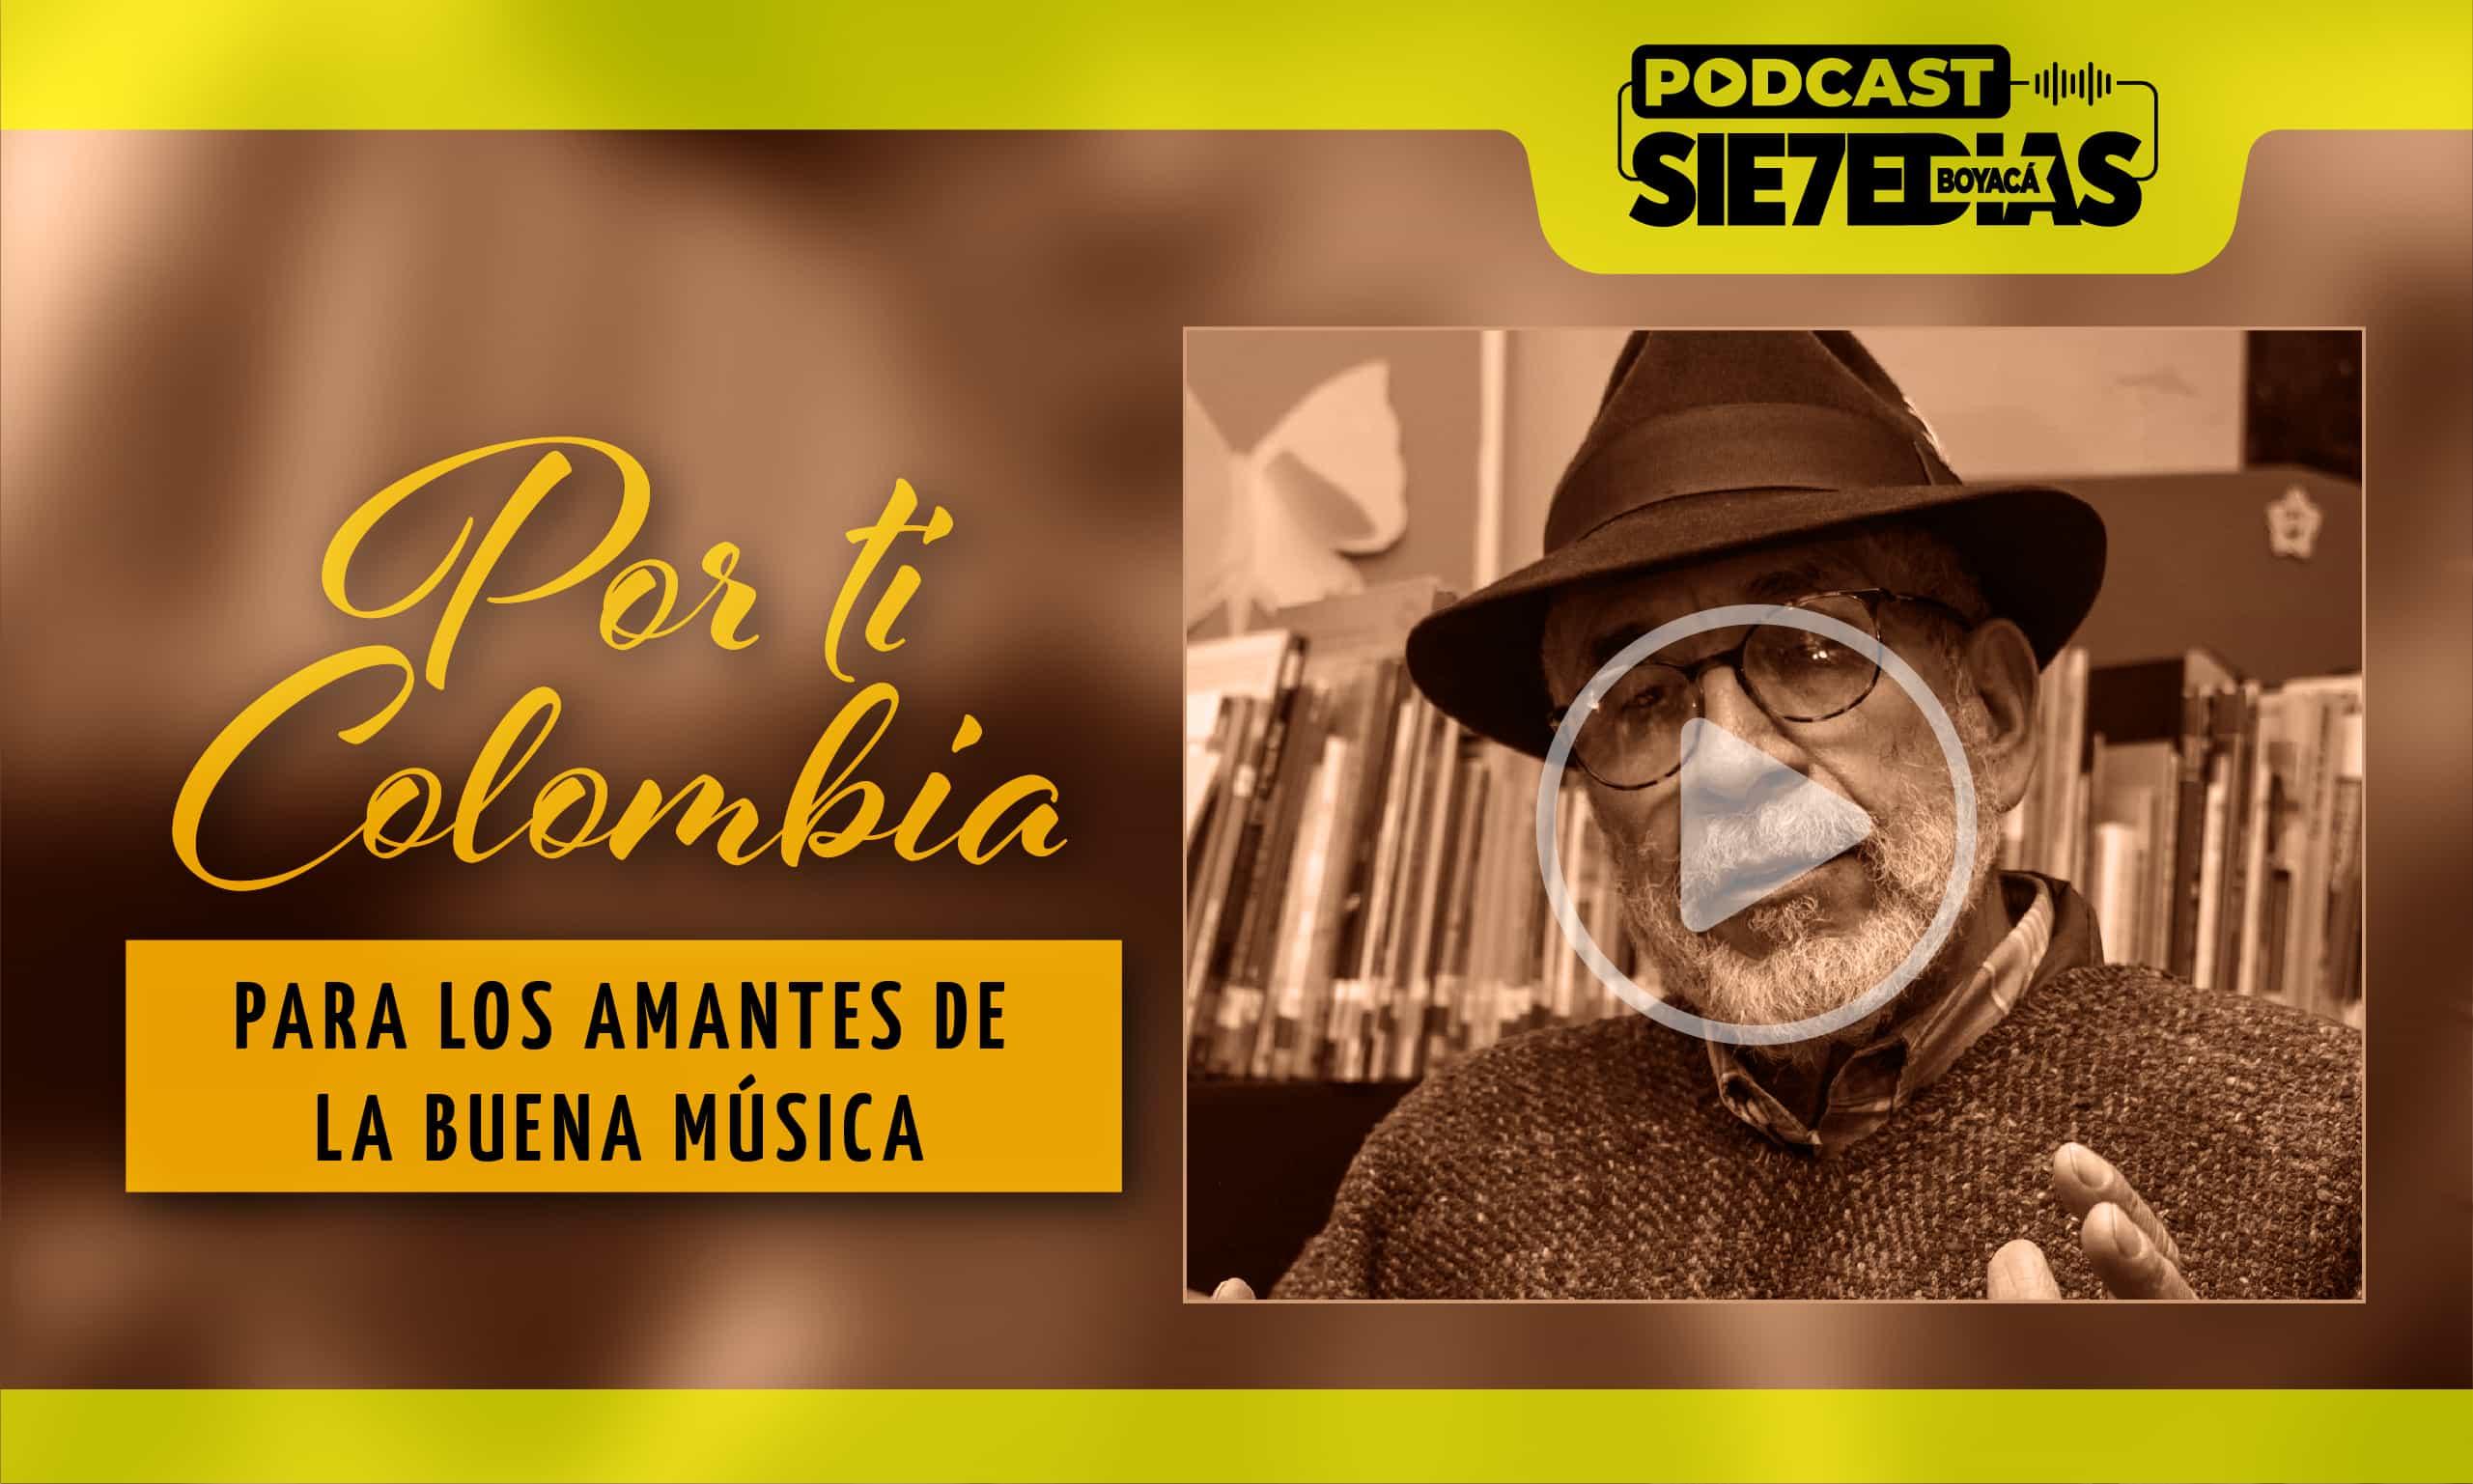 Por ti Colombia - con Maestro Jorge Velosa Ruíz 'El padre de la Carranga' - 13 de Septiembre 2020 1